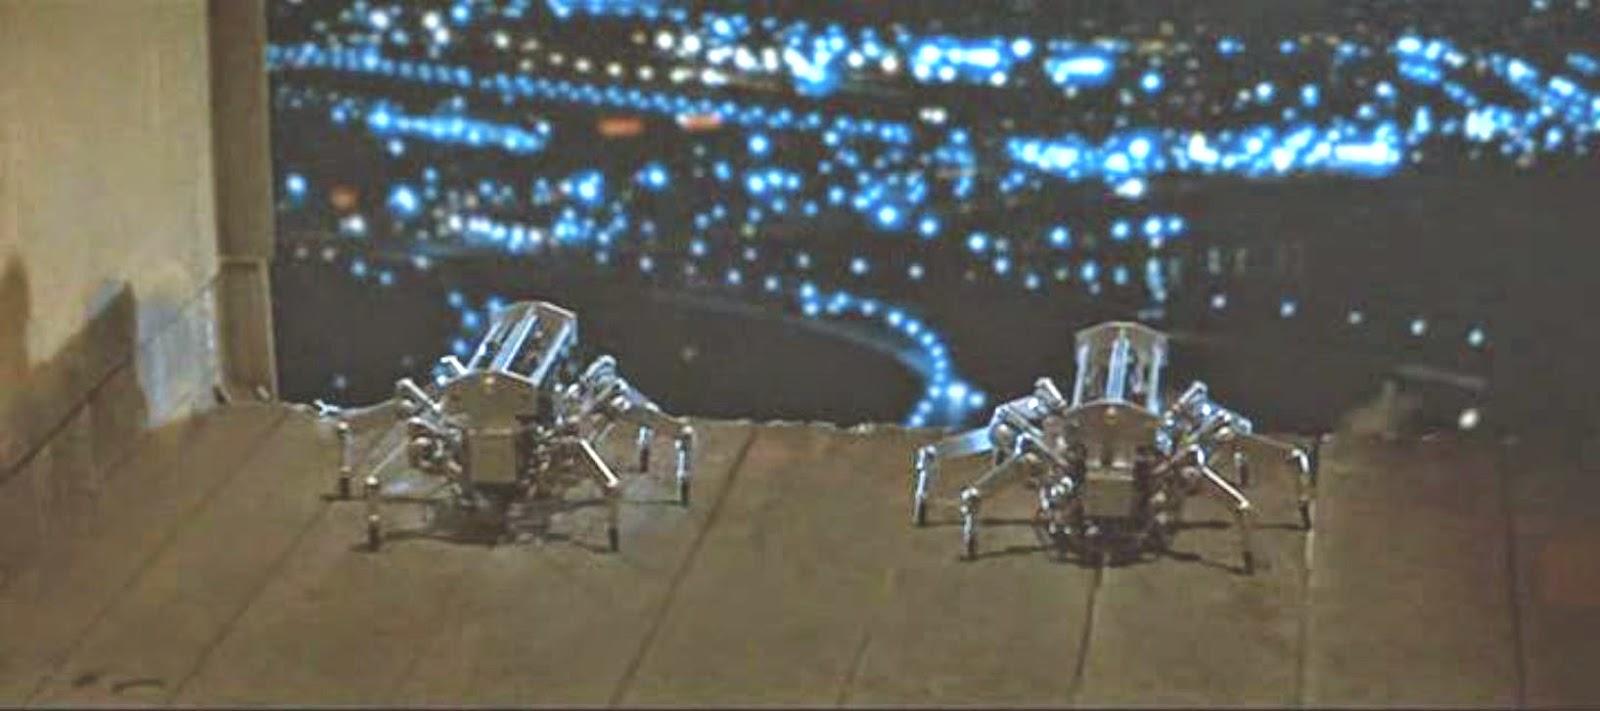 Runaway spider robots 1984 sci-fi